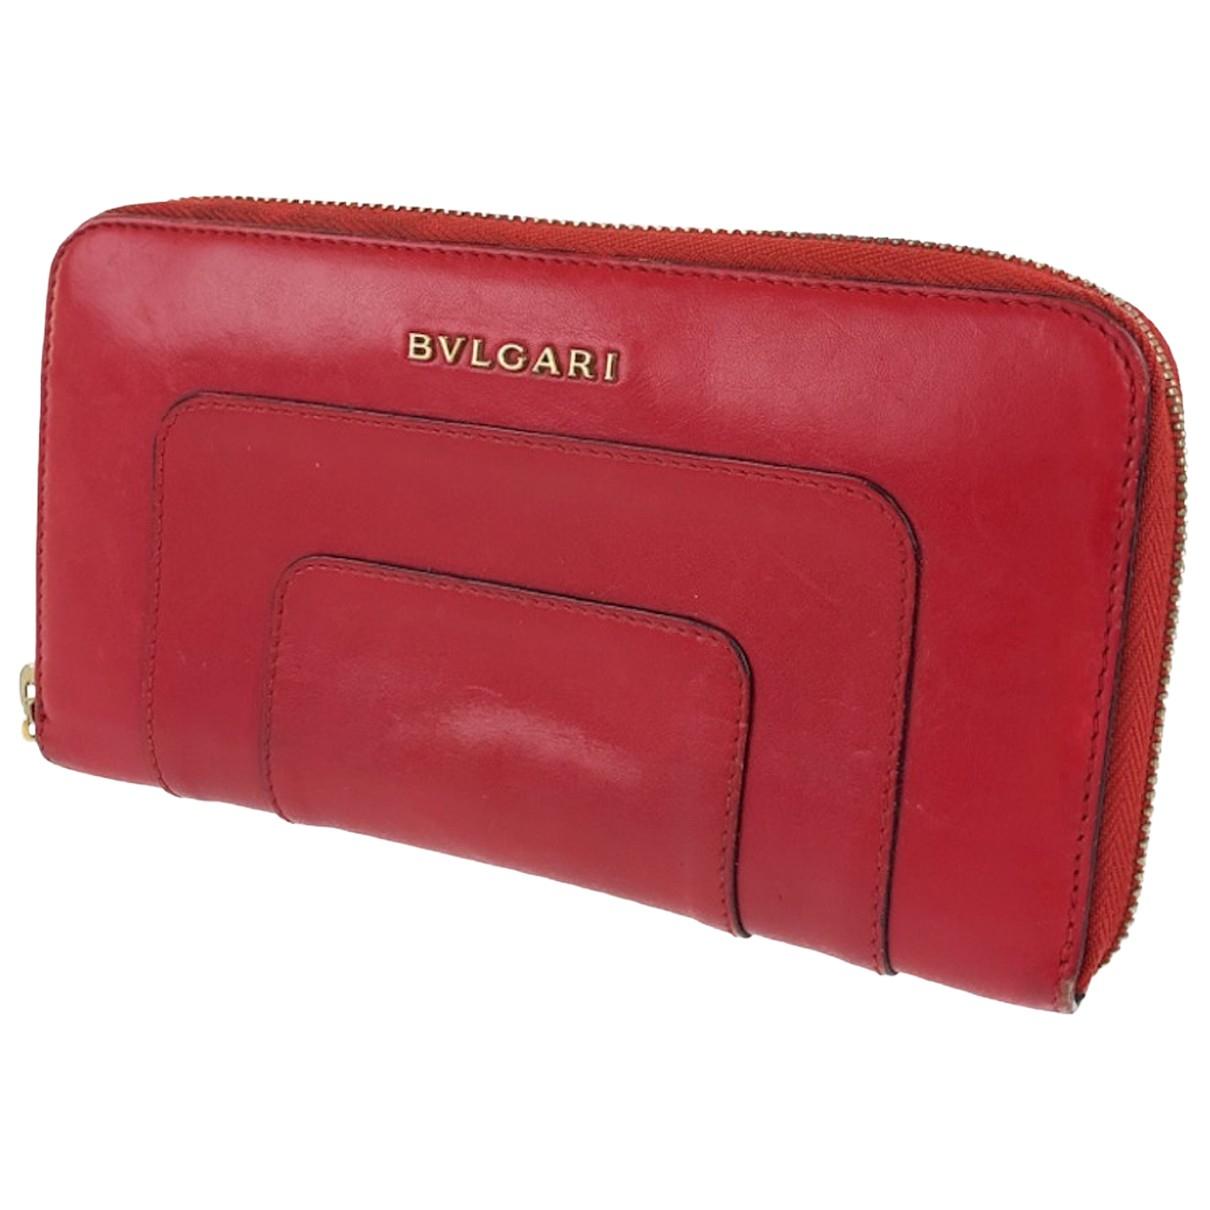 Bvlgari - Portefeuille   pour femme en cuir